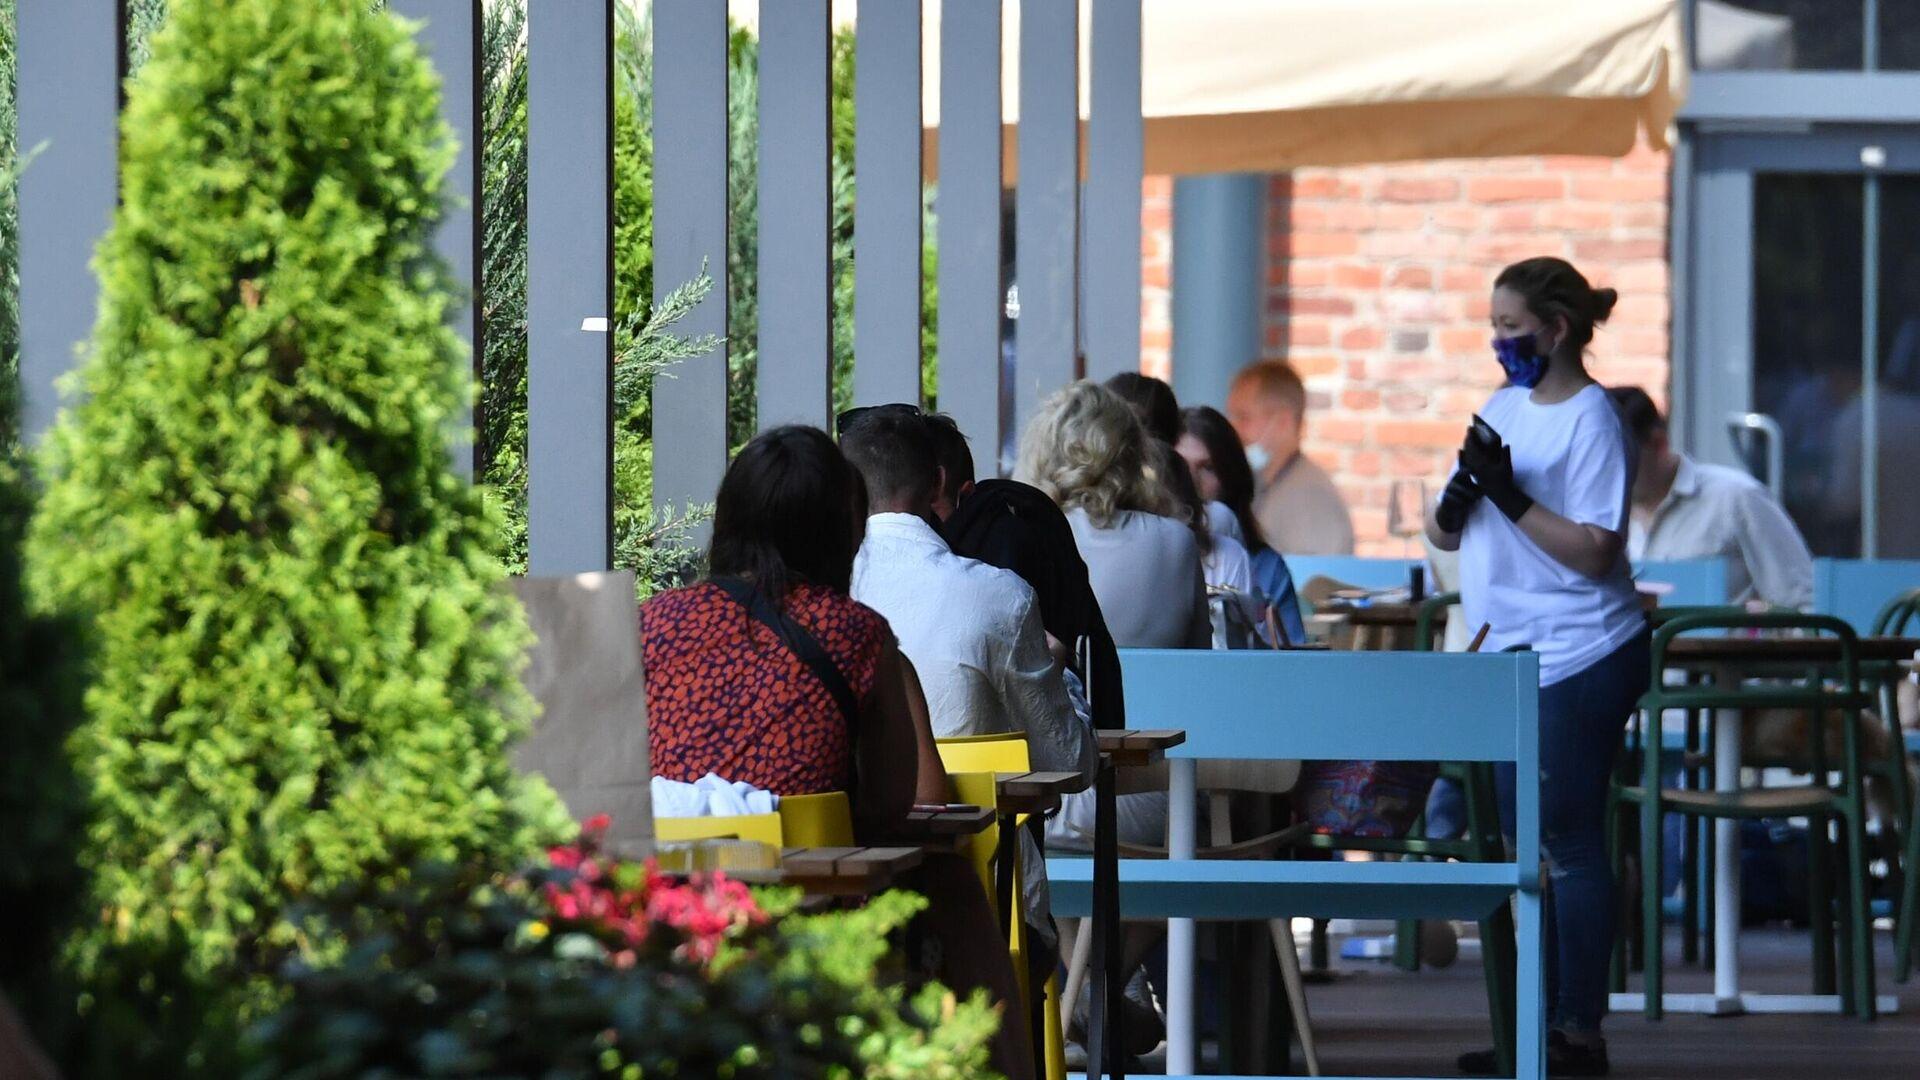 Посетители на летней веранде, расположенной на территории фудмолла Депо. Москва - РИА Новости, 1920, 15.06.2021